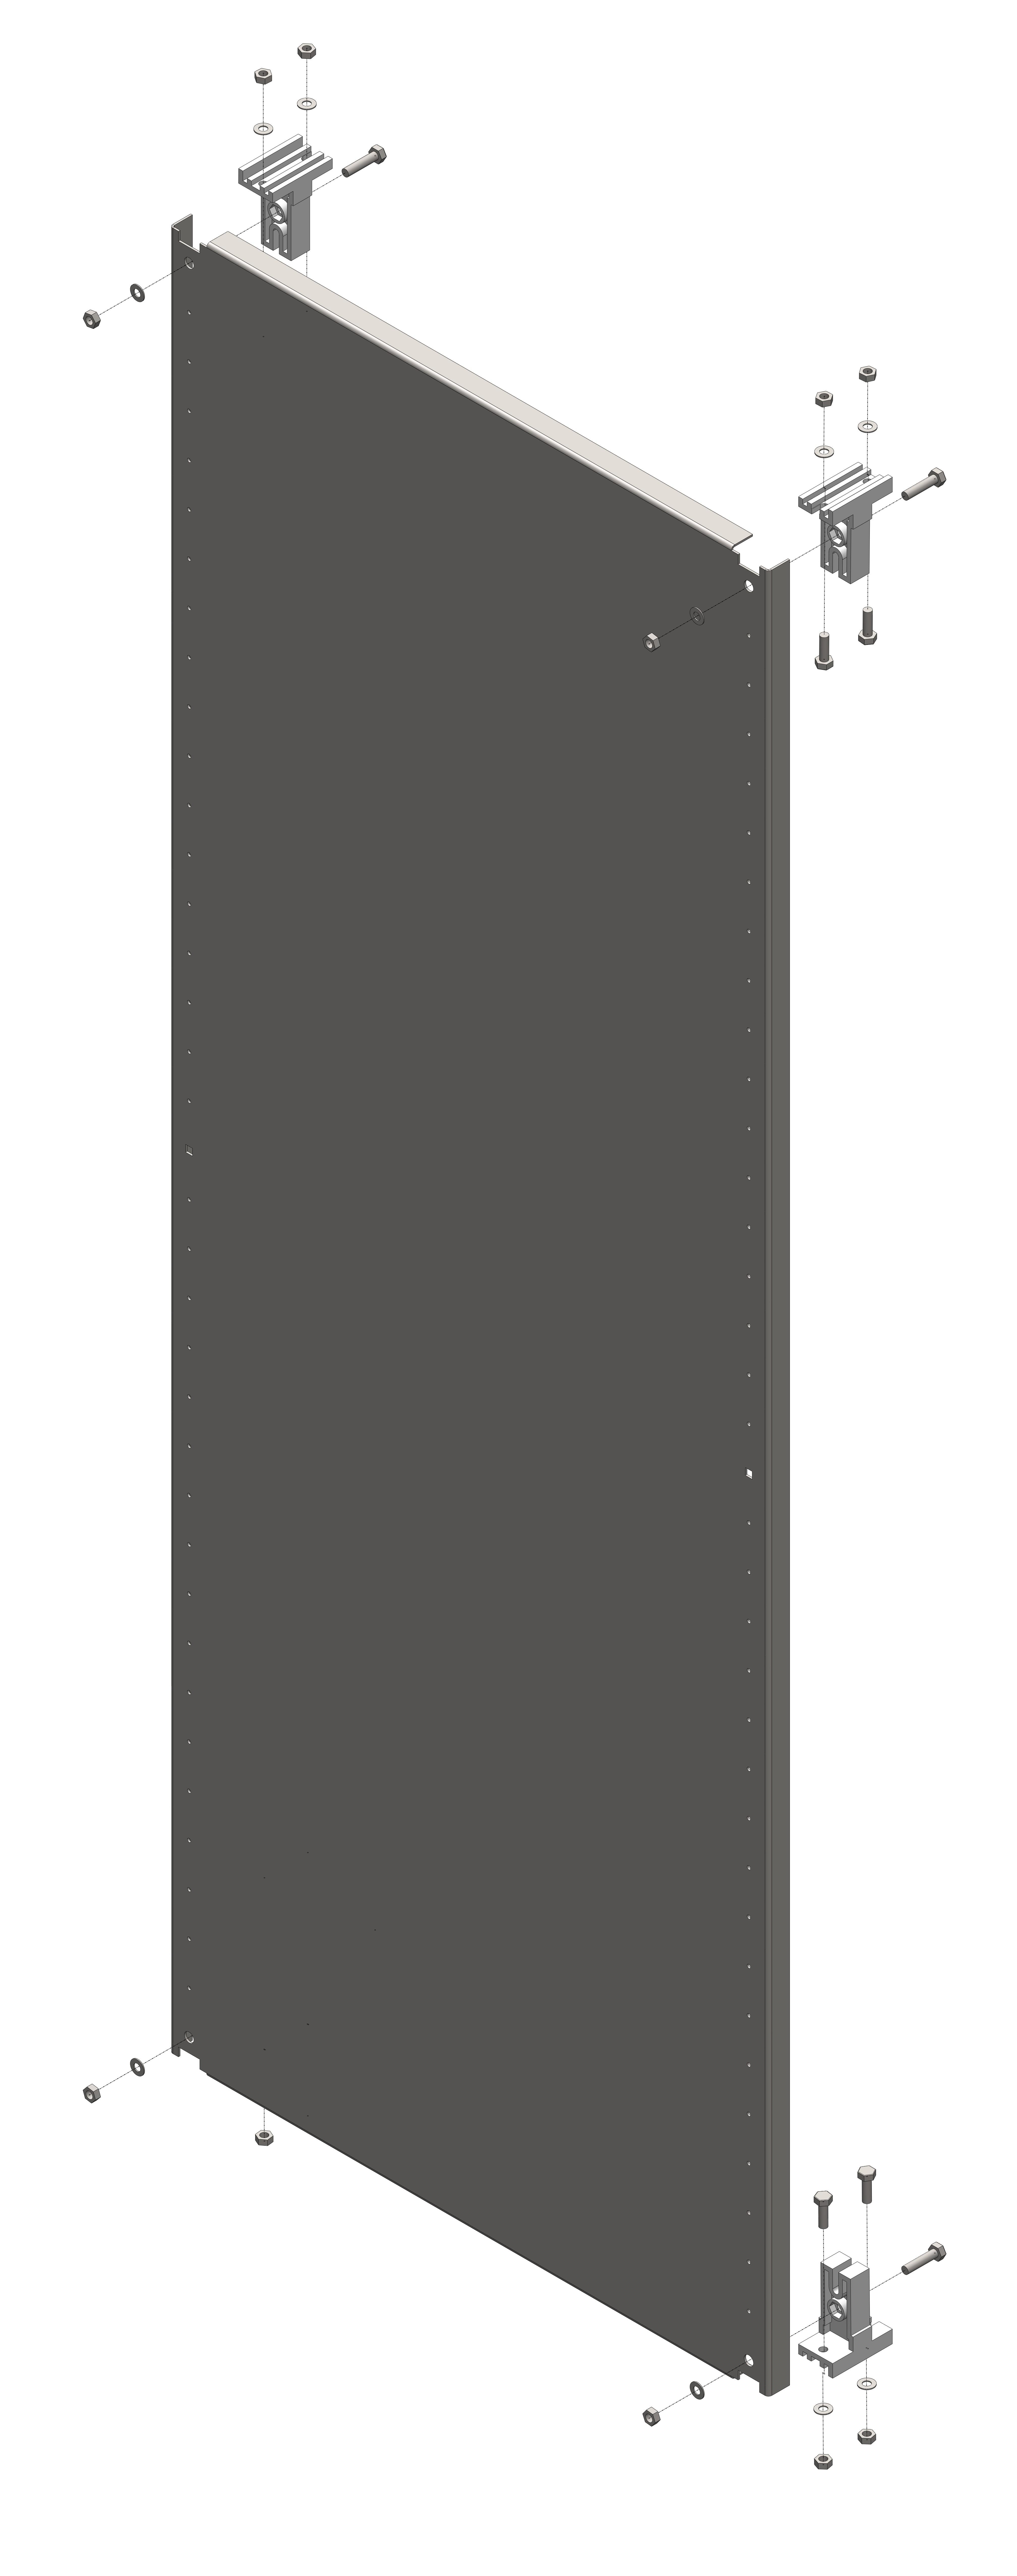 1 Stk Montageplatte 3A-42 für IP54 IL959342--